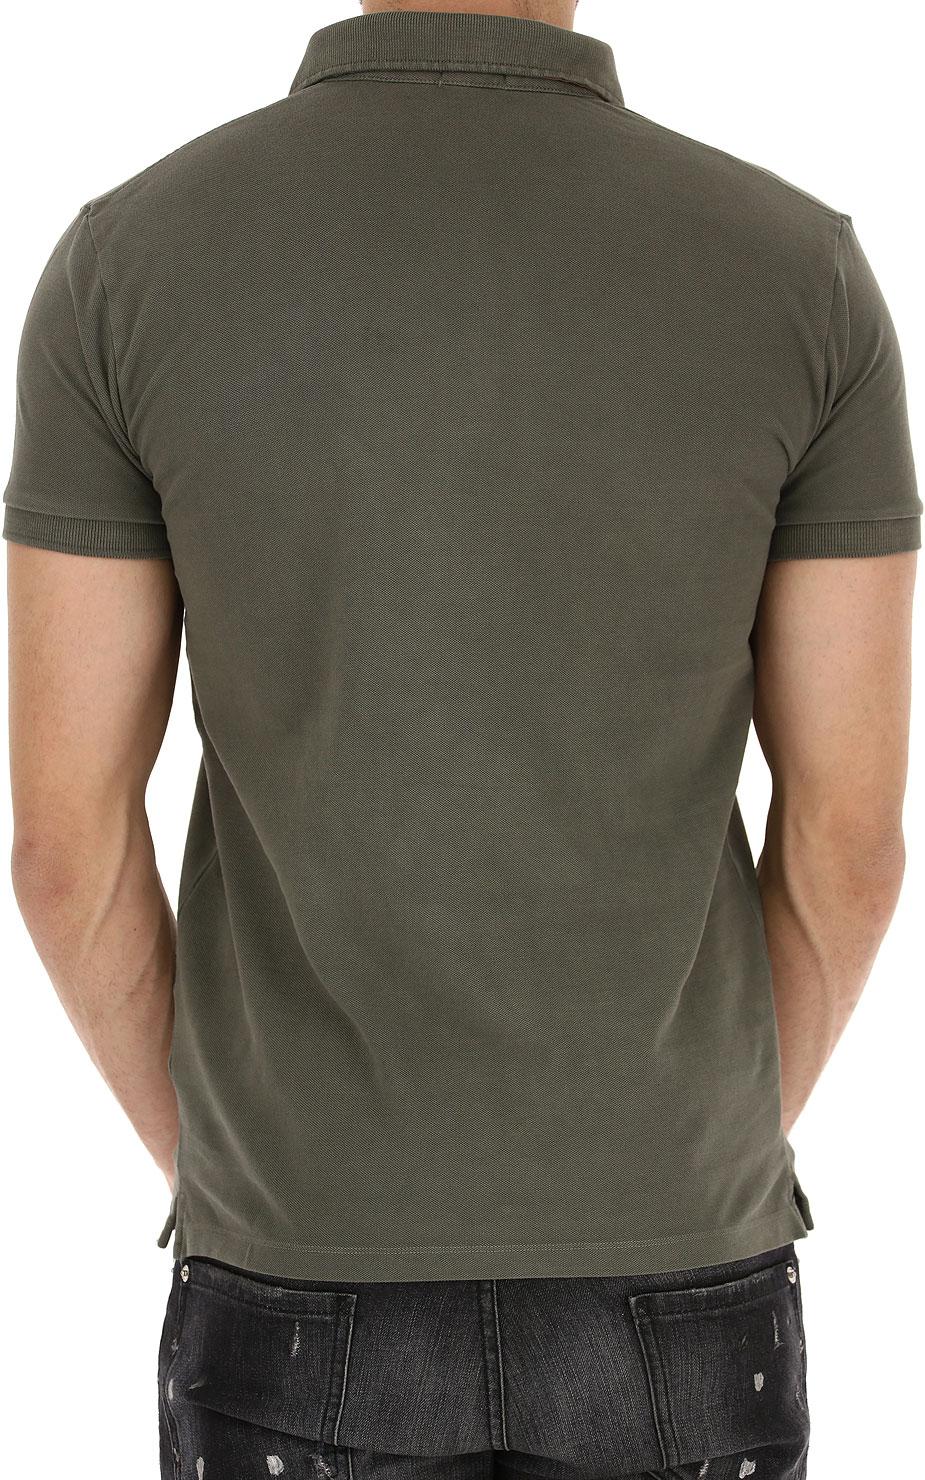 Abbigliamento Uomo Bomboogie Codice Articolo Tm4985tpqw-32-